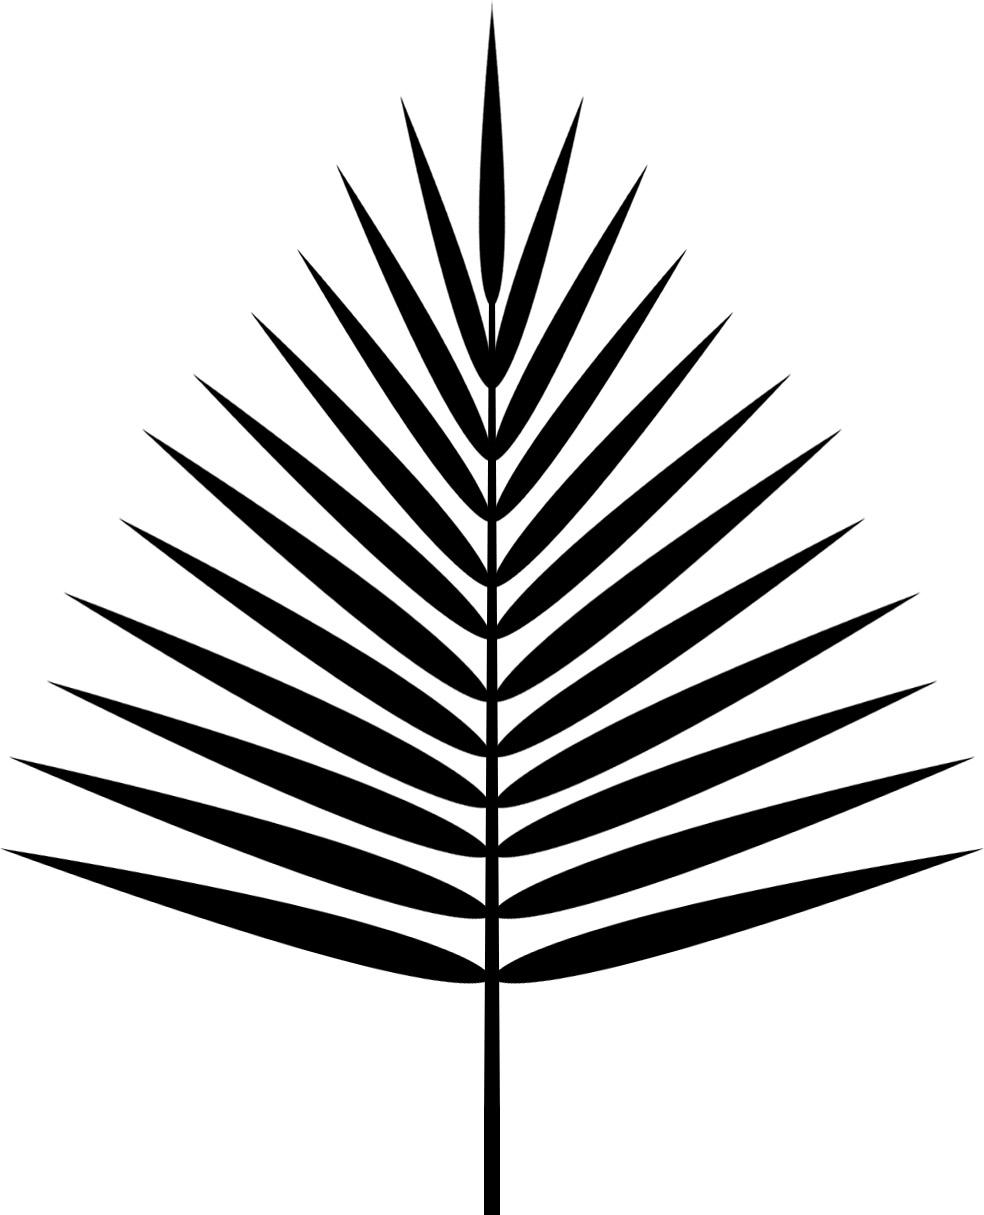 Un palmier en alpha lionel marraud - Palmier dessin ...